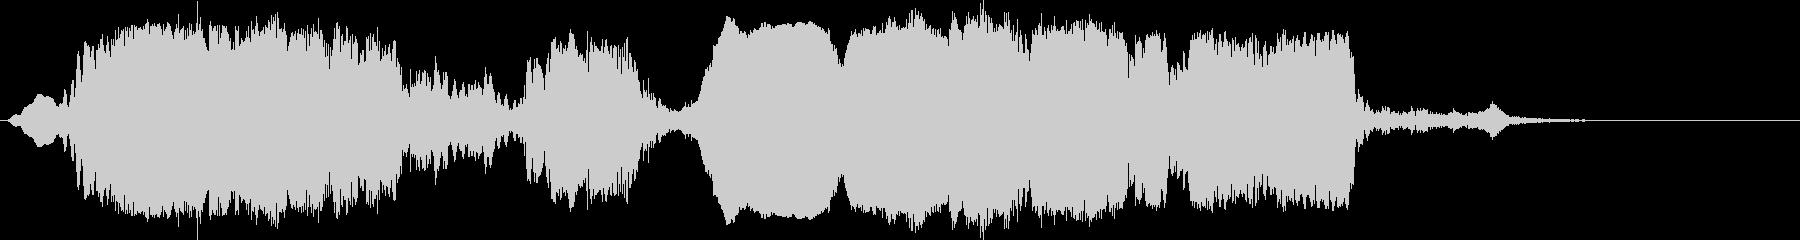 中型の固体金属容器またはシート:非...の未再生の波形